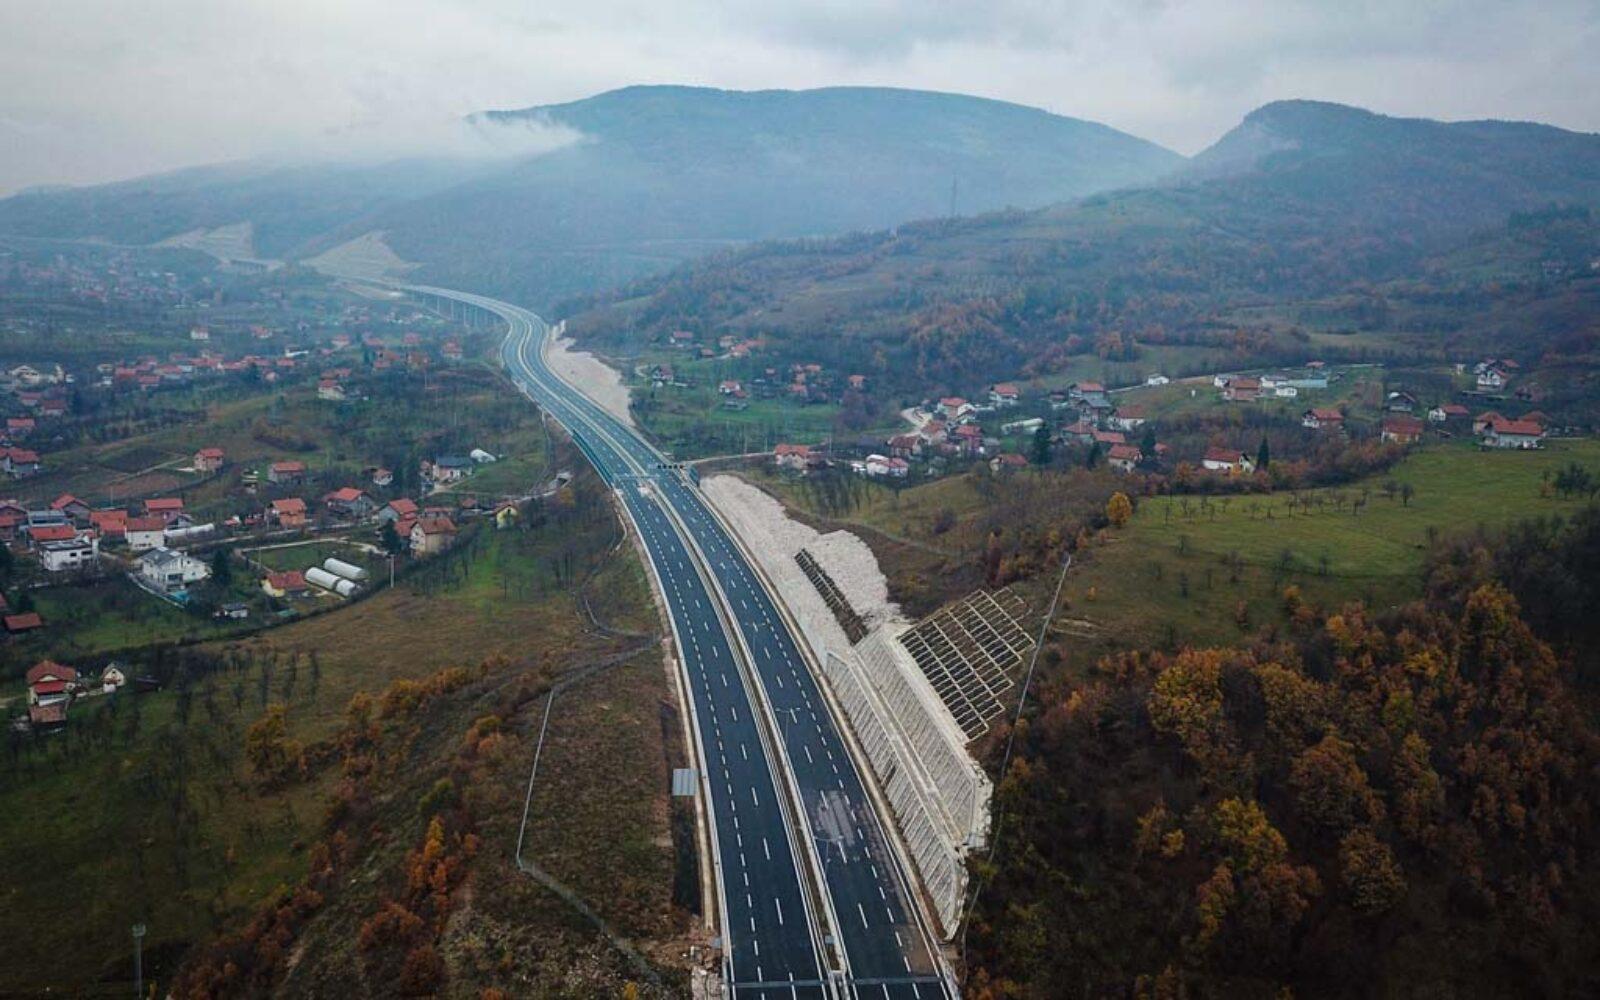 Zavrsena Izgradnja Obilaznice Vrijedne 225 Milijuna Eura Poslovni Dnevnik